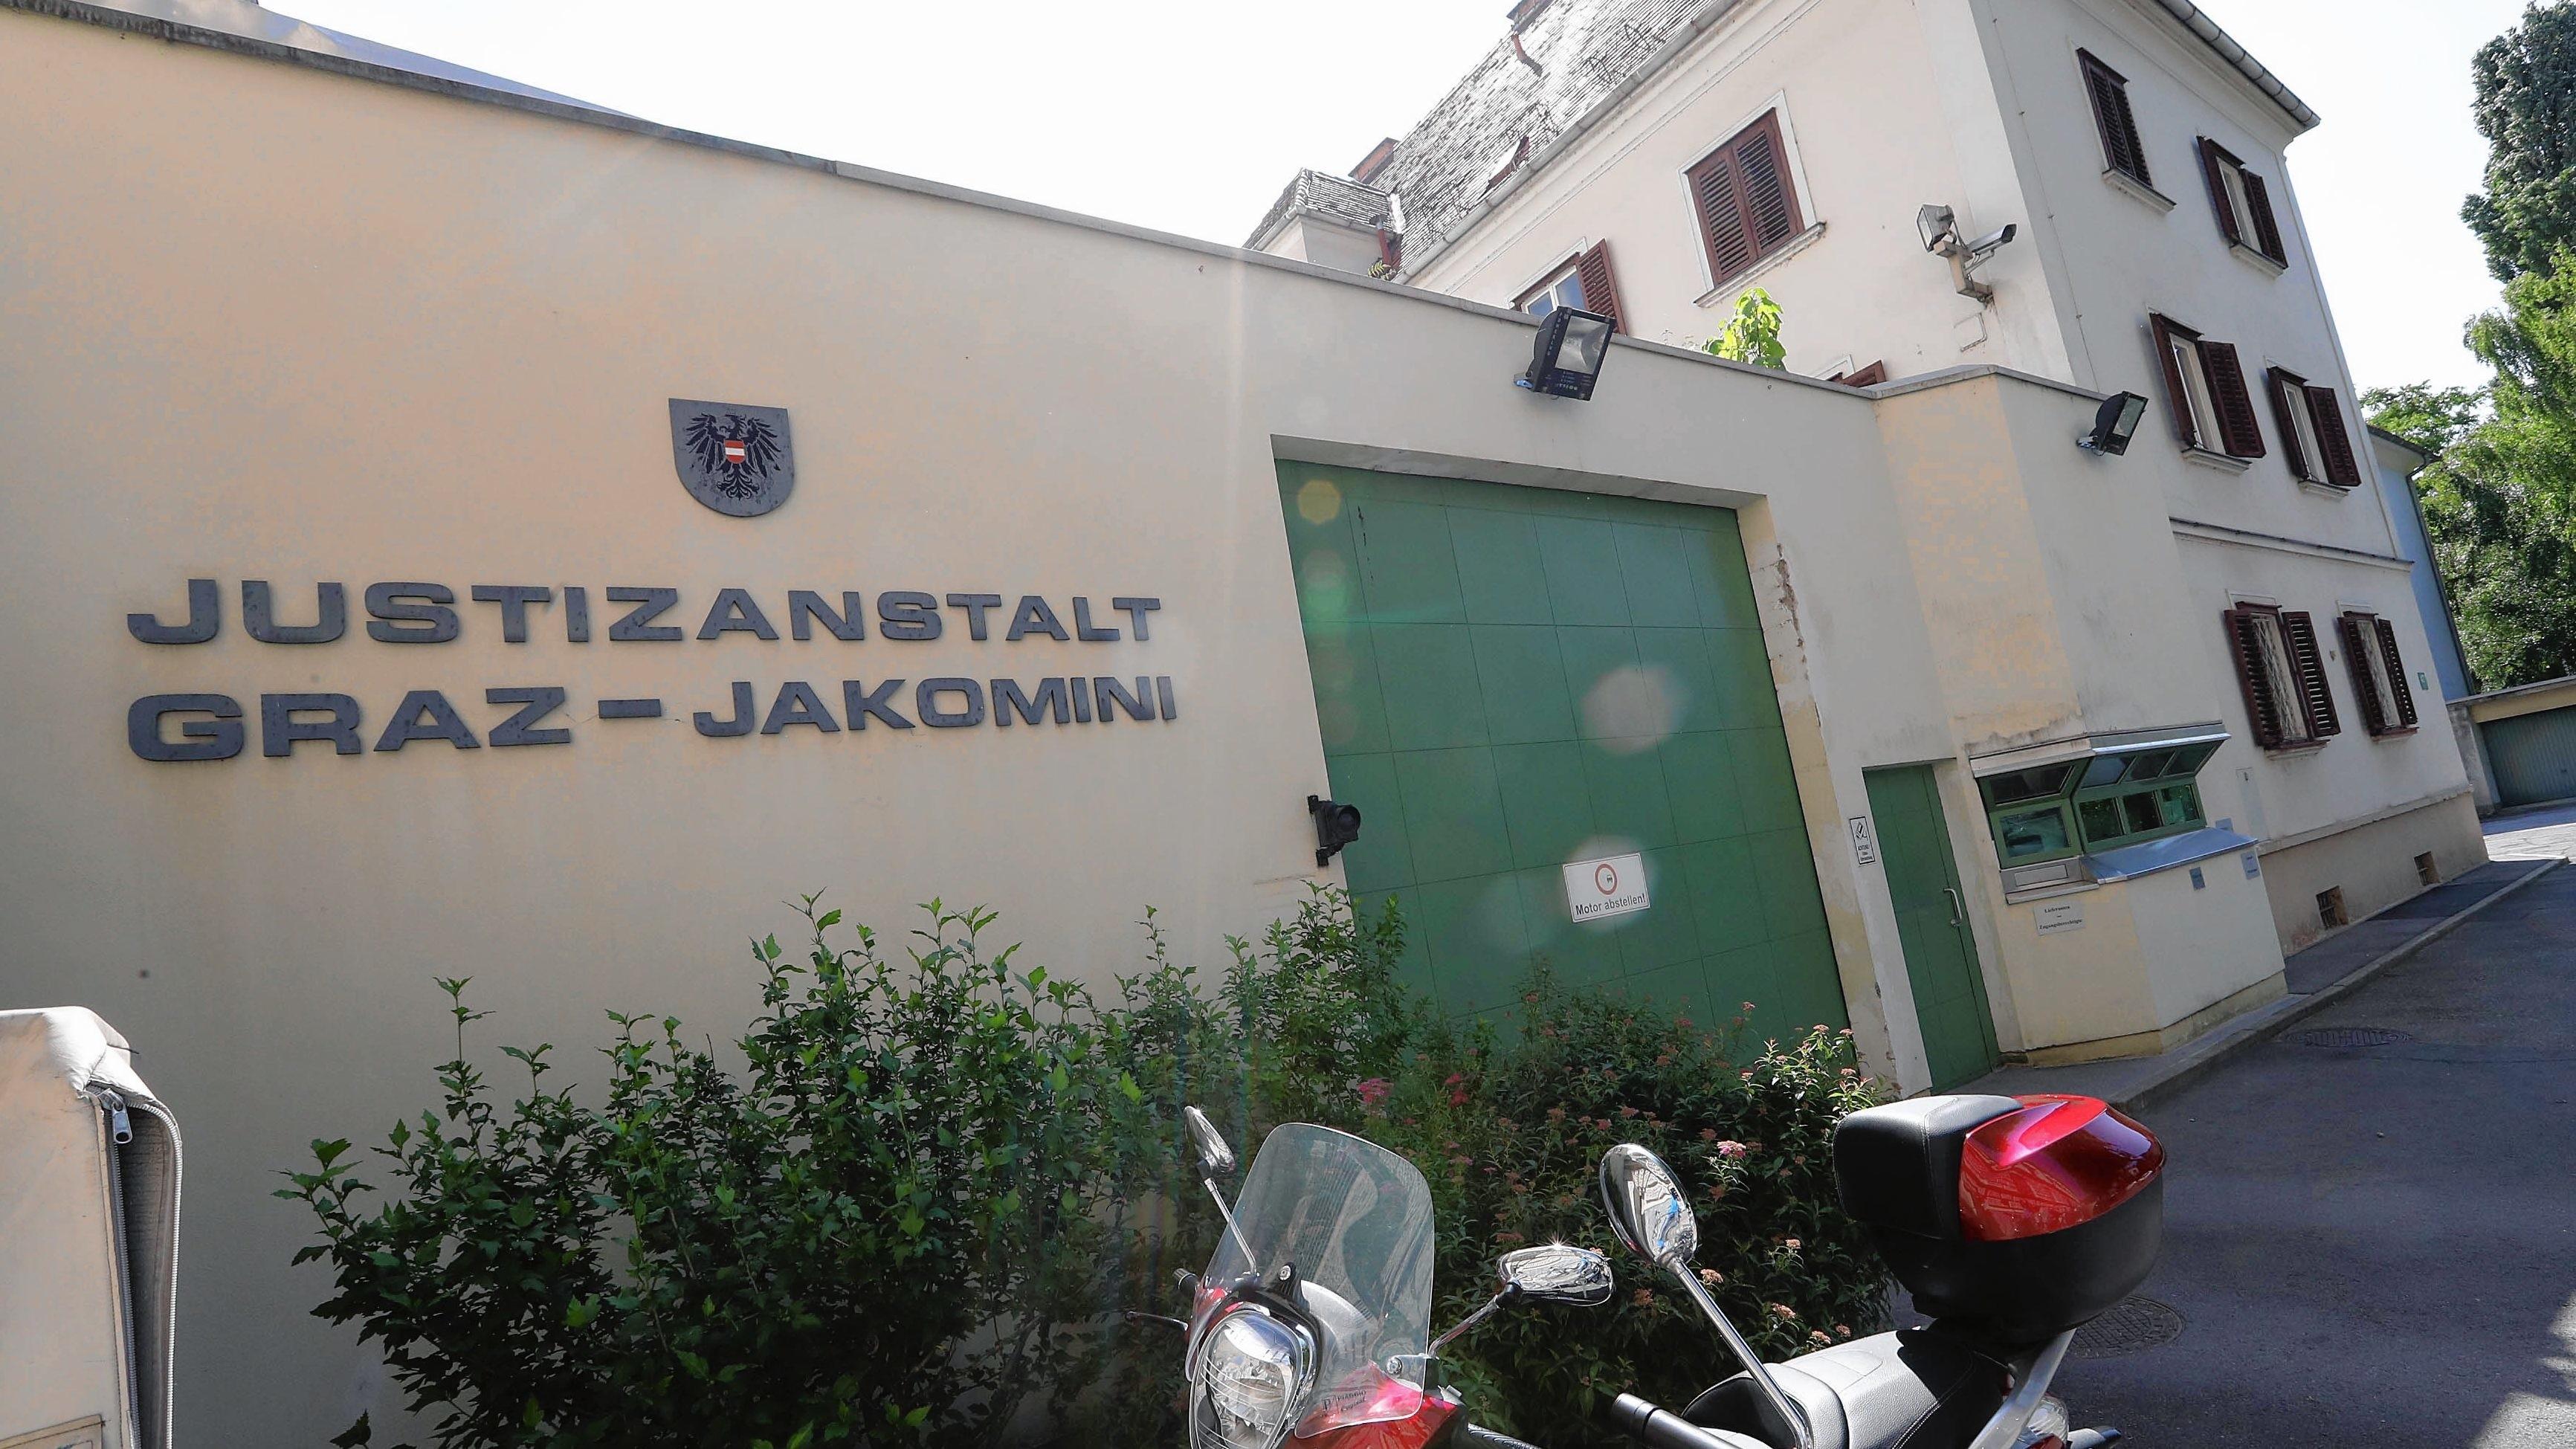 Dating Single Cafe Graz Jakomini - Paar Sucht Paar Graz